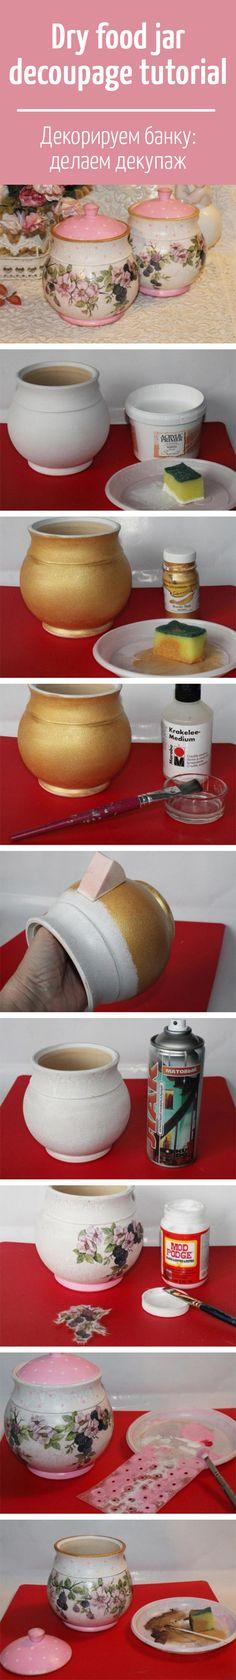 Dry food jar decoupa